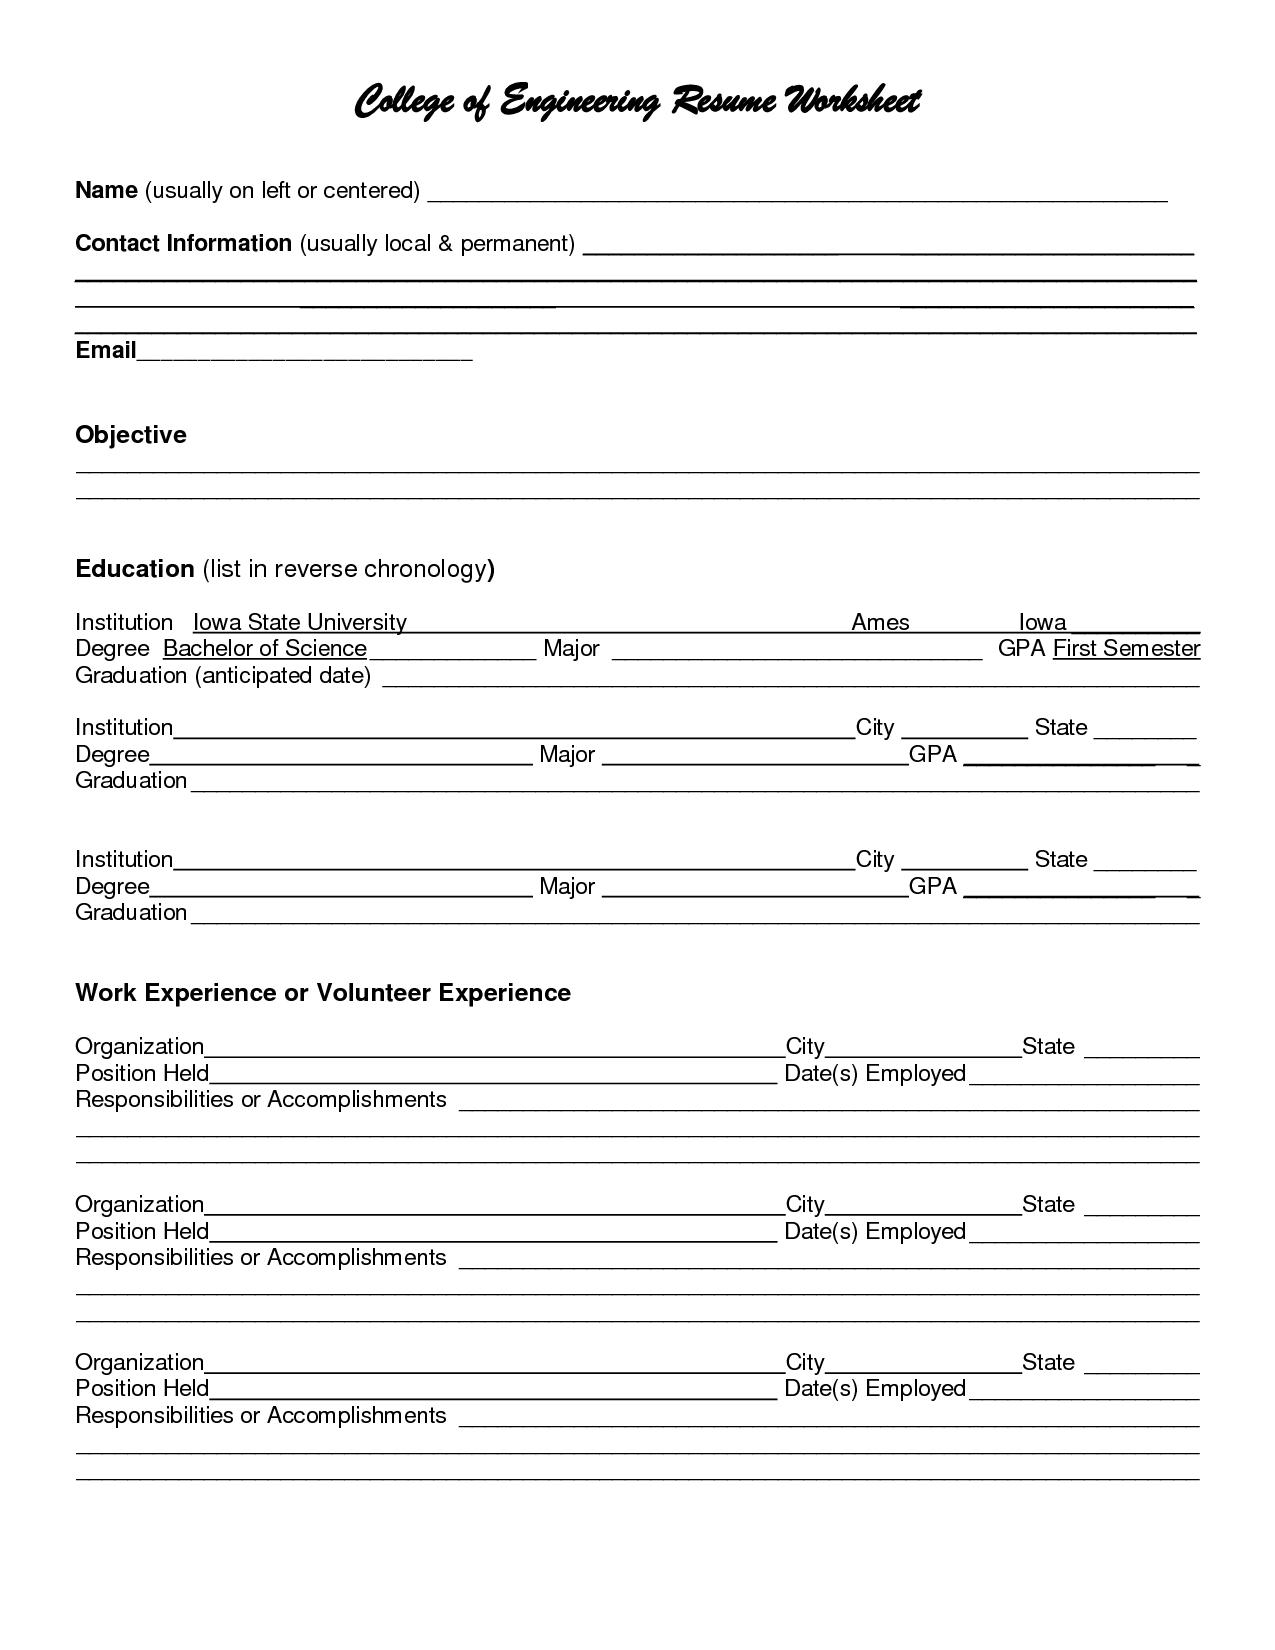 college resume worksheet